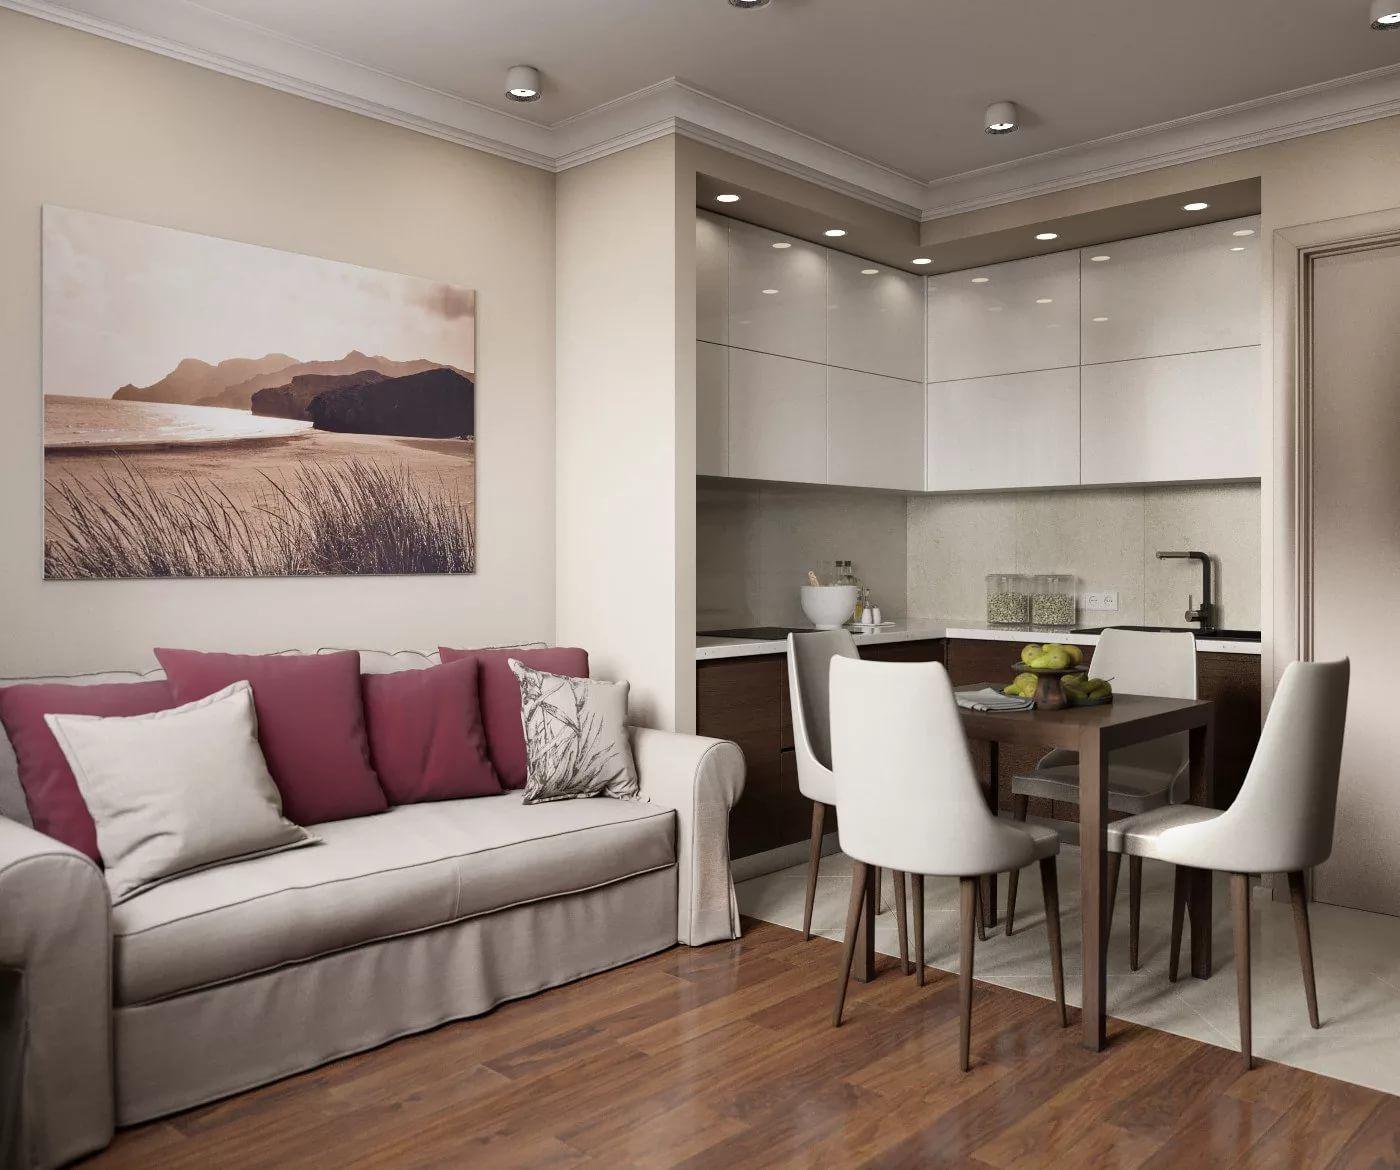 кухня-гостиная 14 кв.м с диваном реальные фото: 14 тыс ...